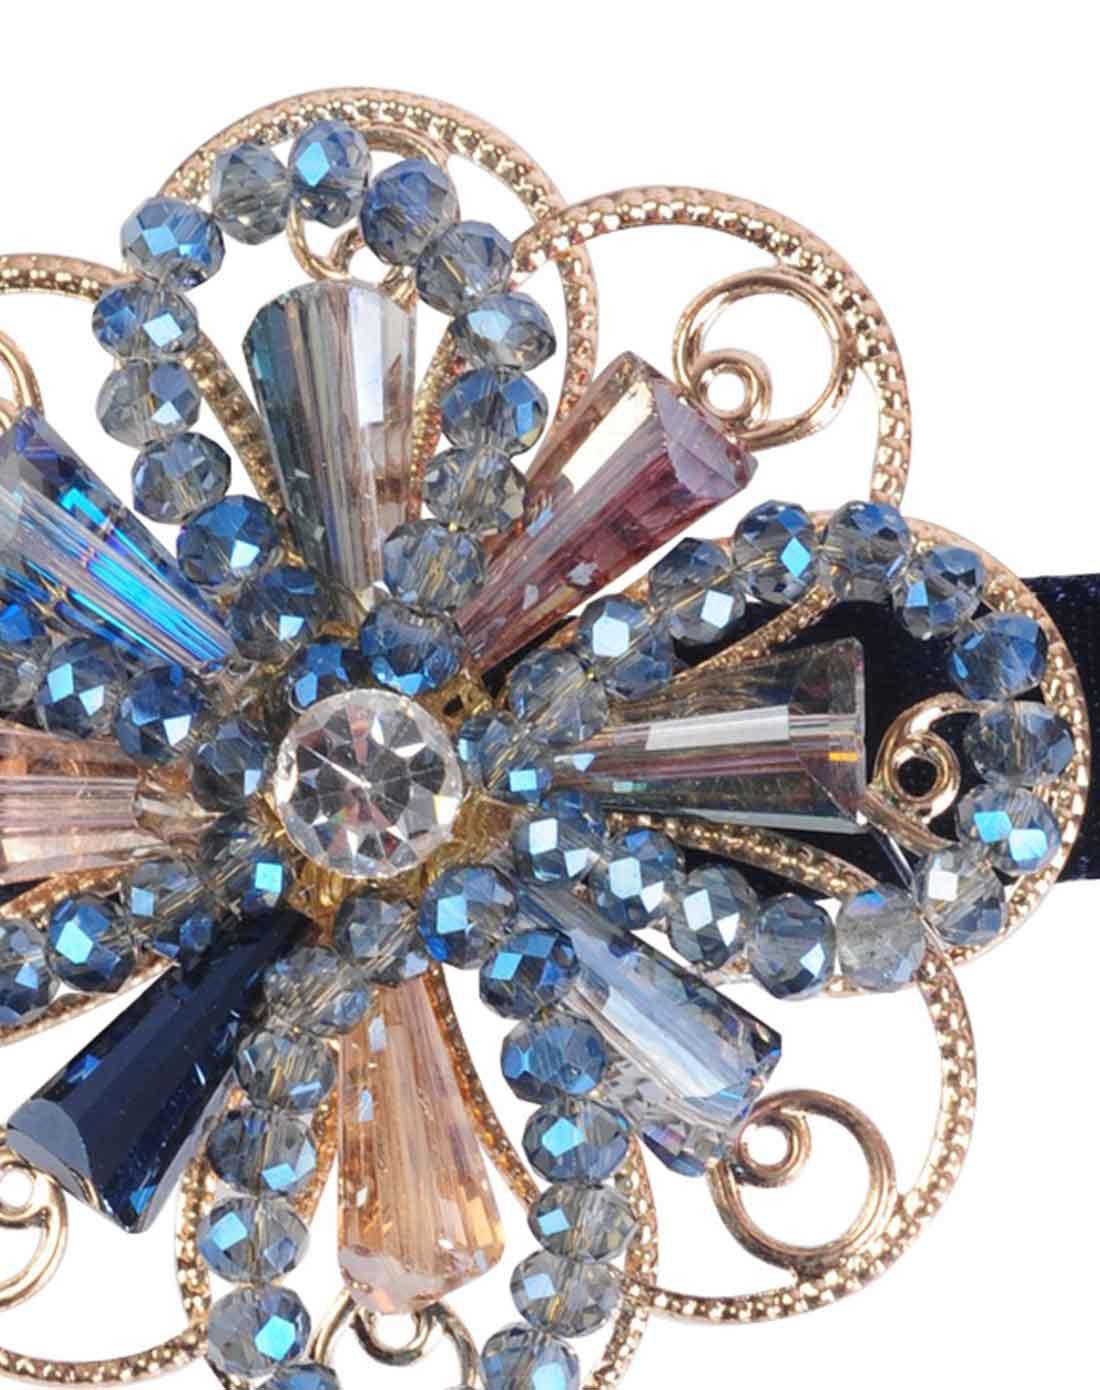 麦朵mado蓝色精美手工串珠编花时尚边夹发夹m099093